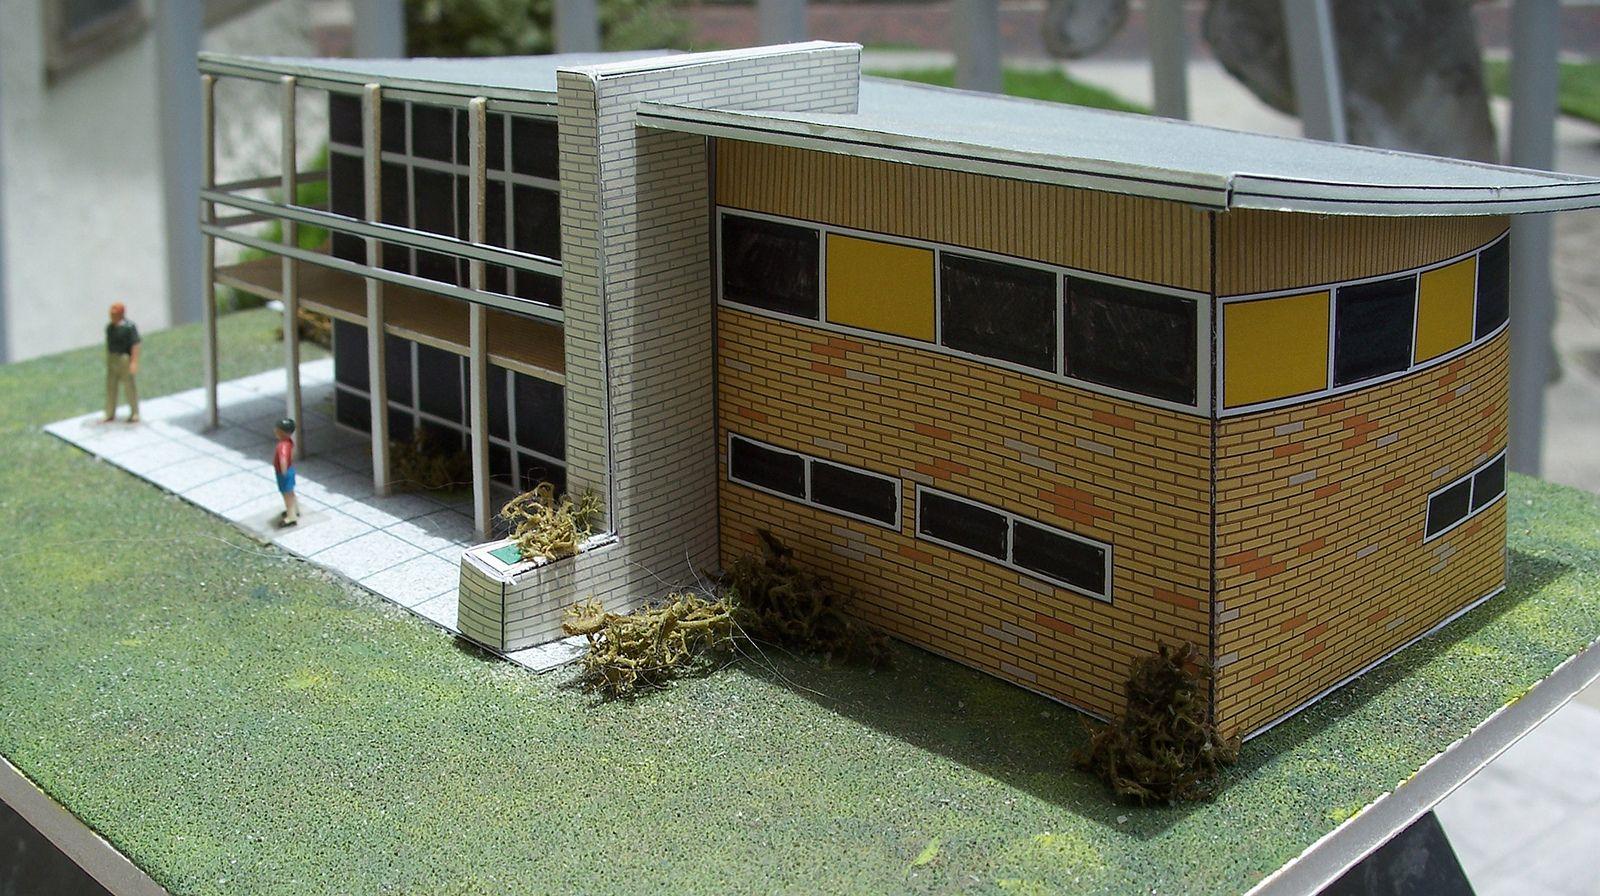 Ho scale papercraft house original design ho scale model building papercraft diorama